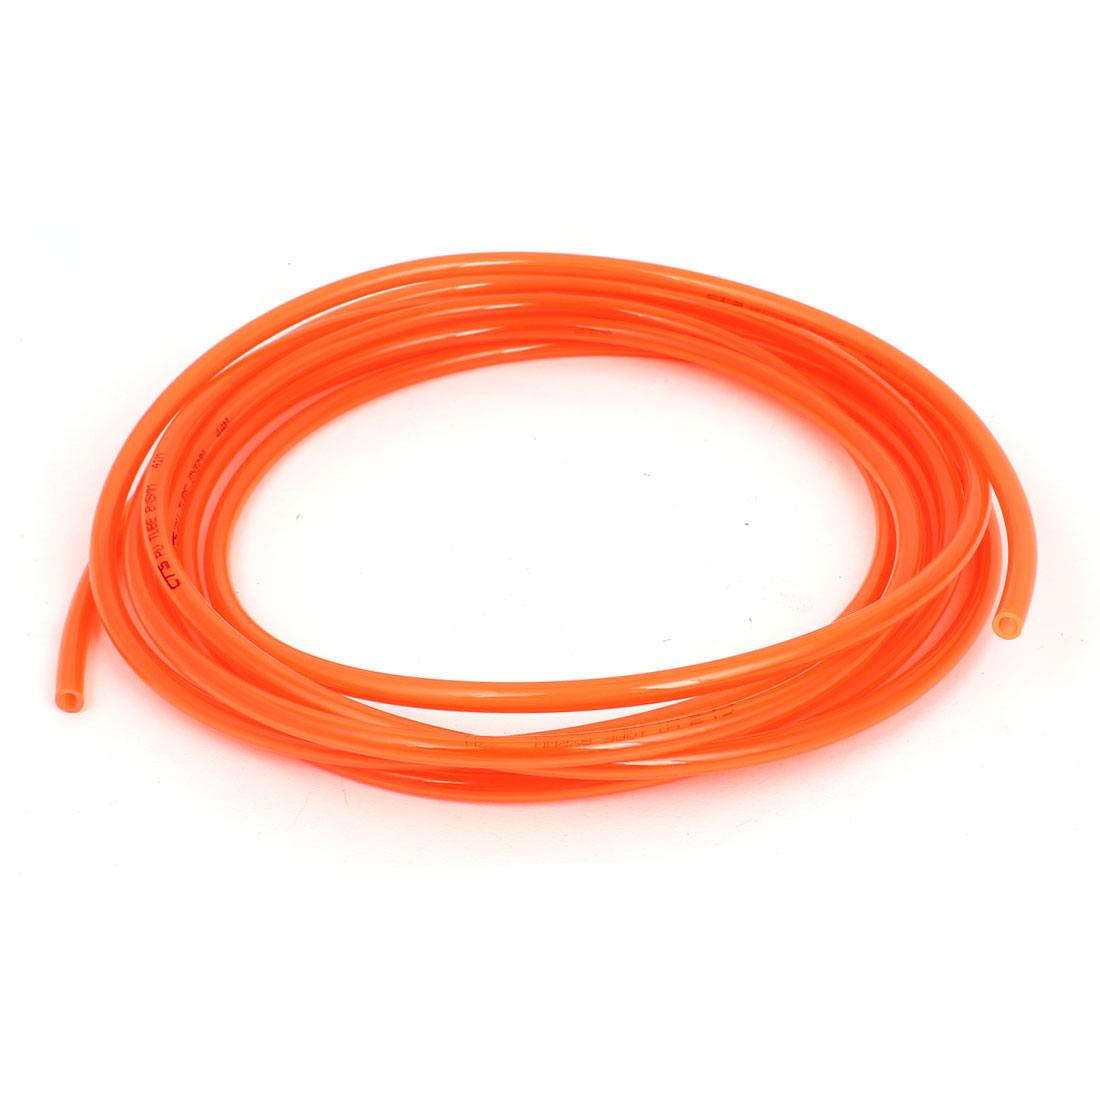 8mm OD x 5mm Inner Dia 5 Meters Long Red PU Pneumatic Air Tubing Pipe Hose